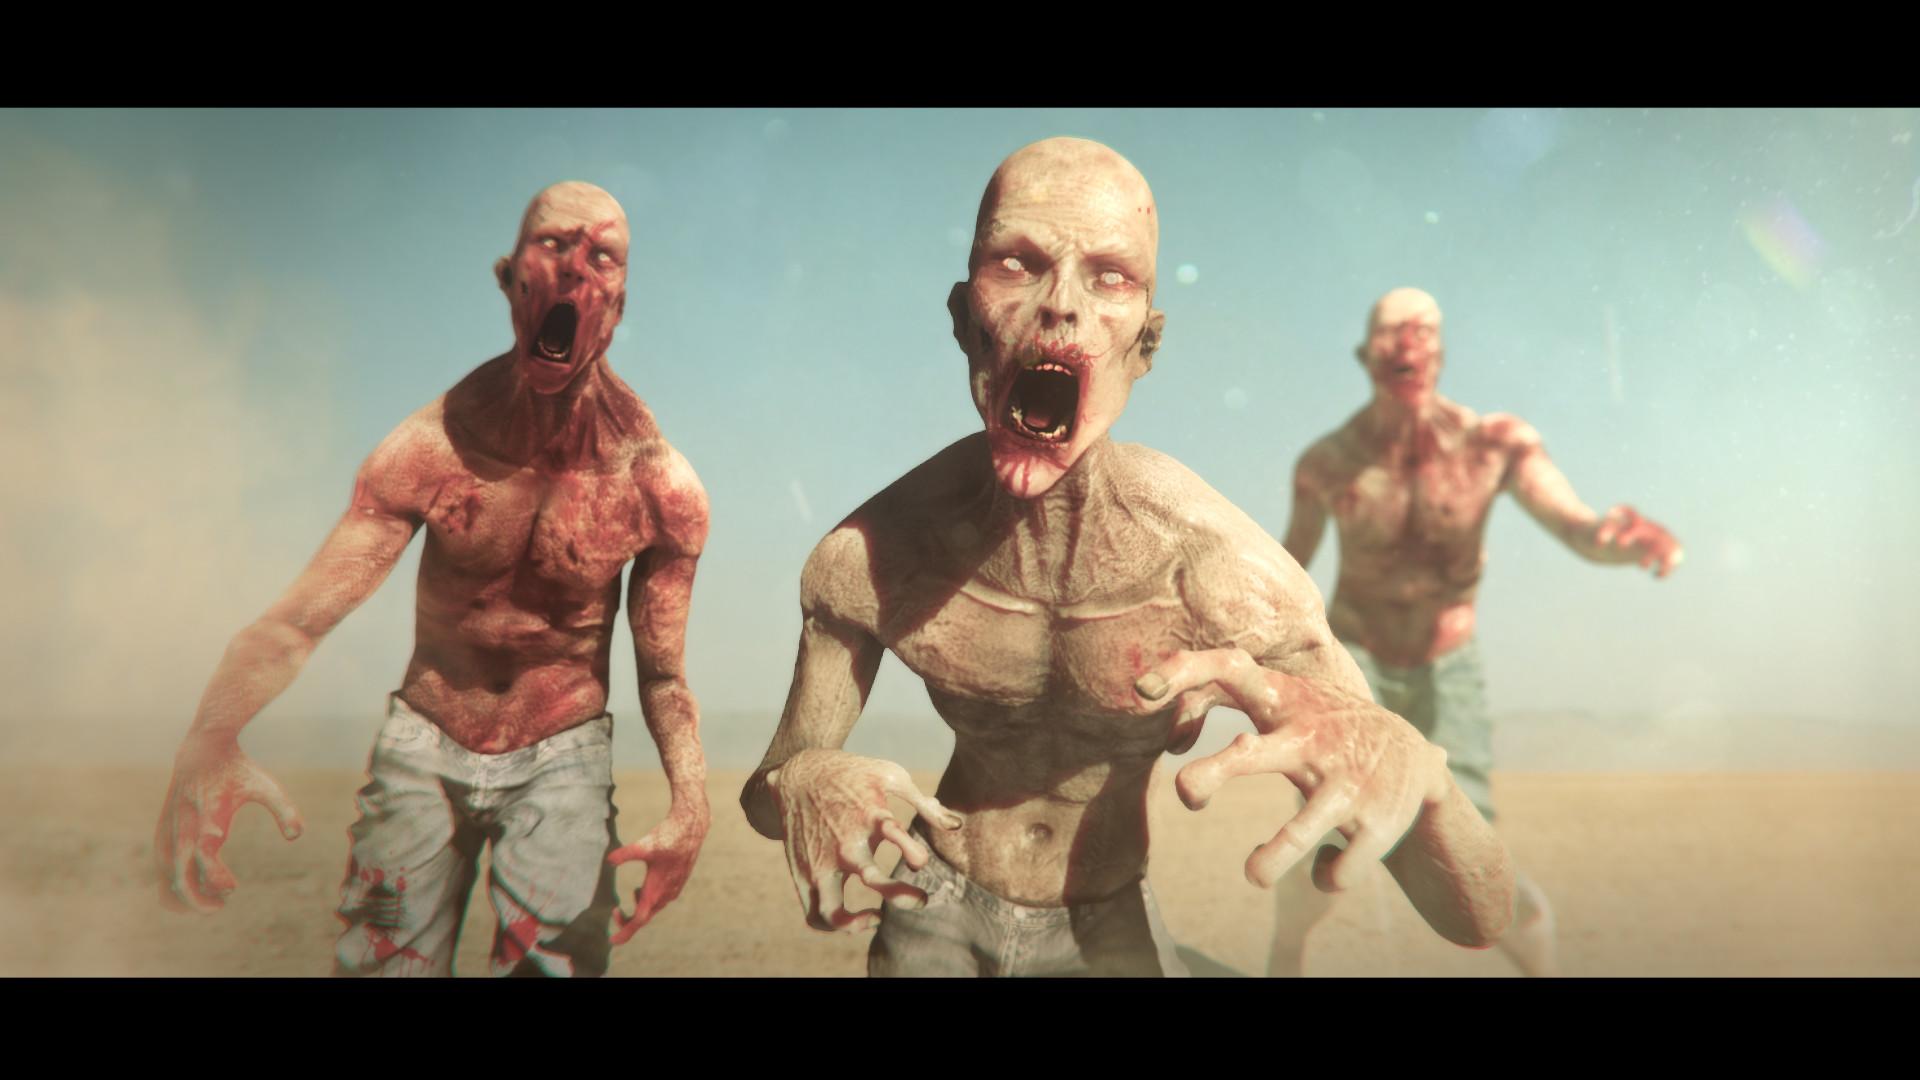 Franco carlesimo zombies 001 00000